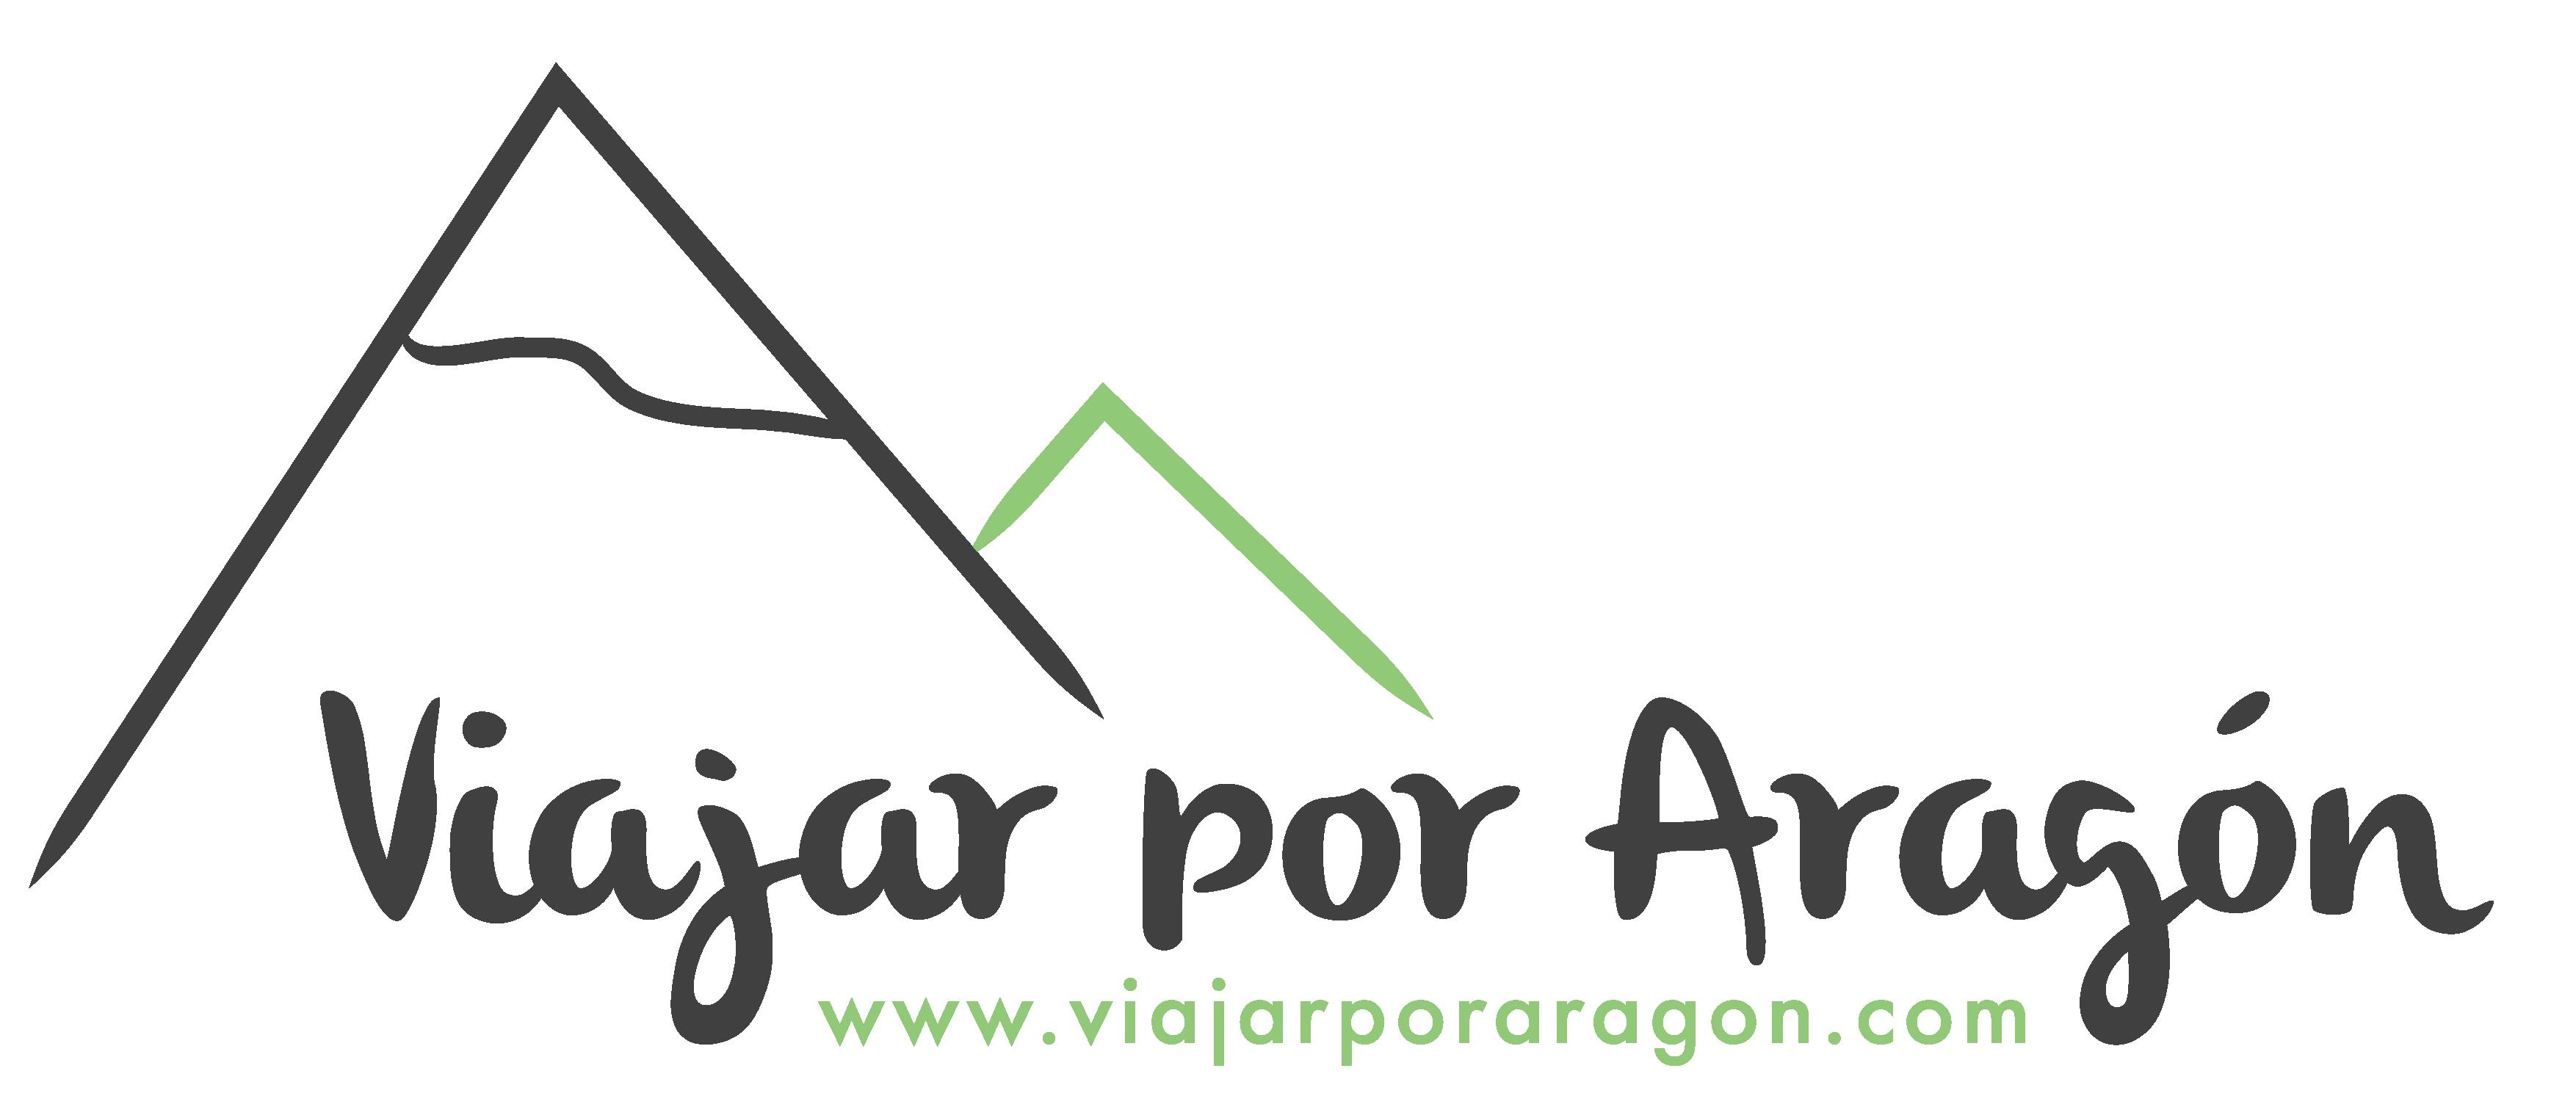 Viajar por Aragón - Turismo en Aragón | Viajar por Aragón - Turismo en Aragón, reserva hoteles, alojamientos, ocio y aventura